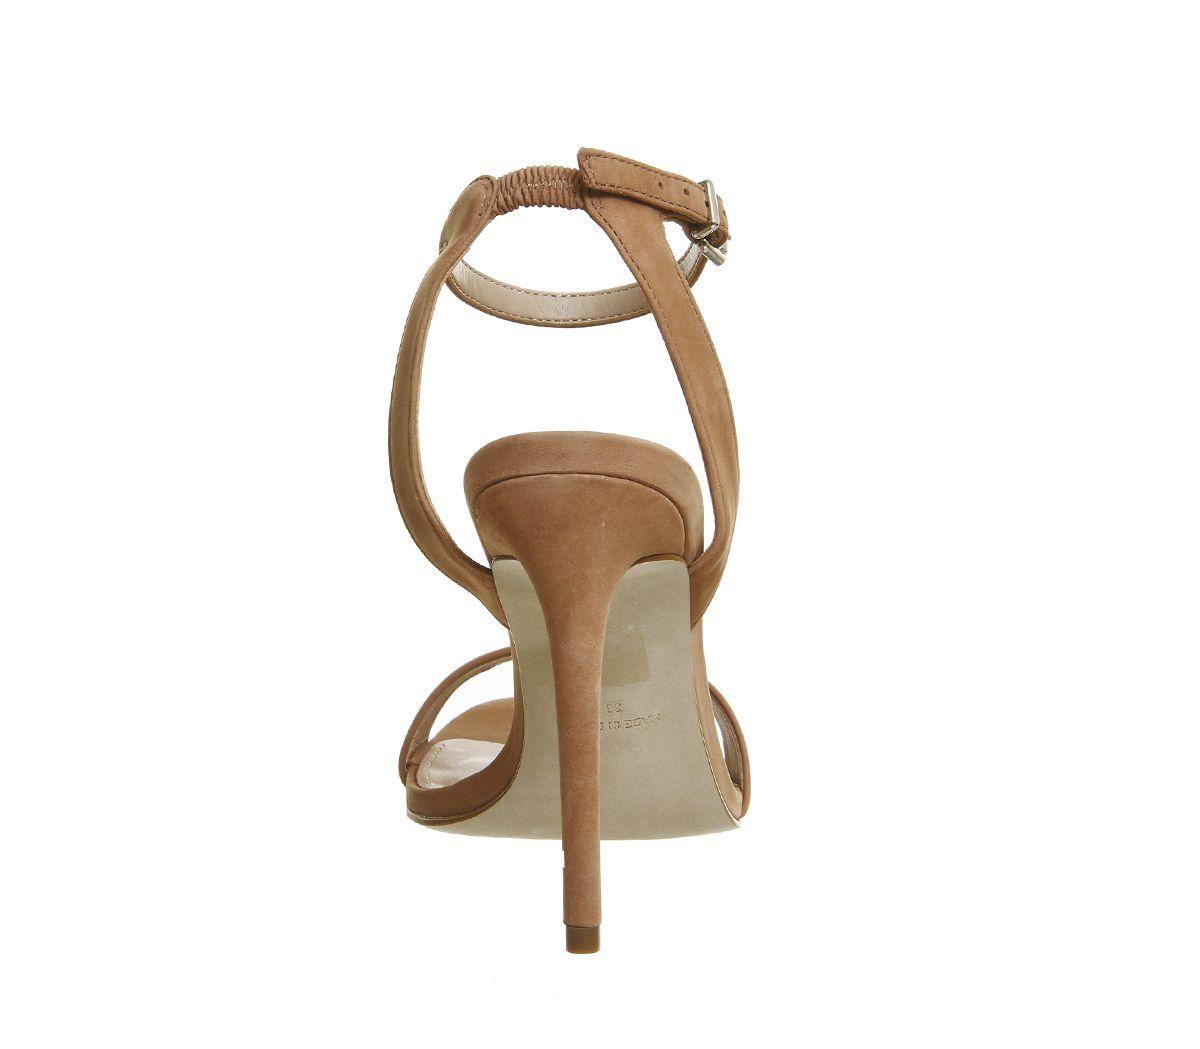 32cab4f3790 Office Alana Single Sole Sandals Nude Nubuck - High Heels